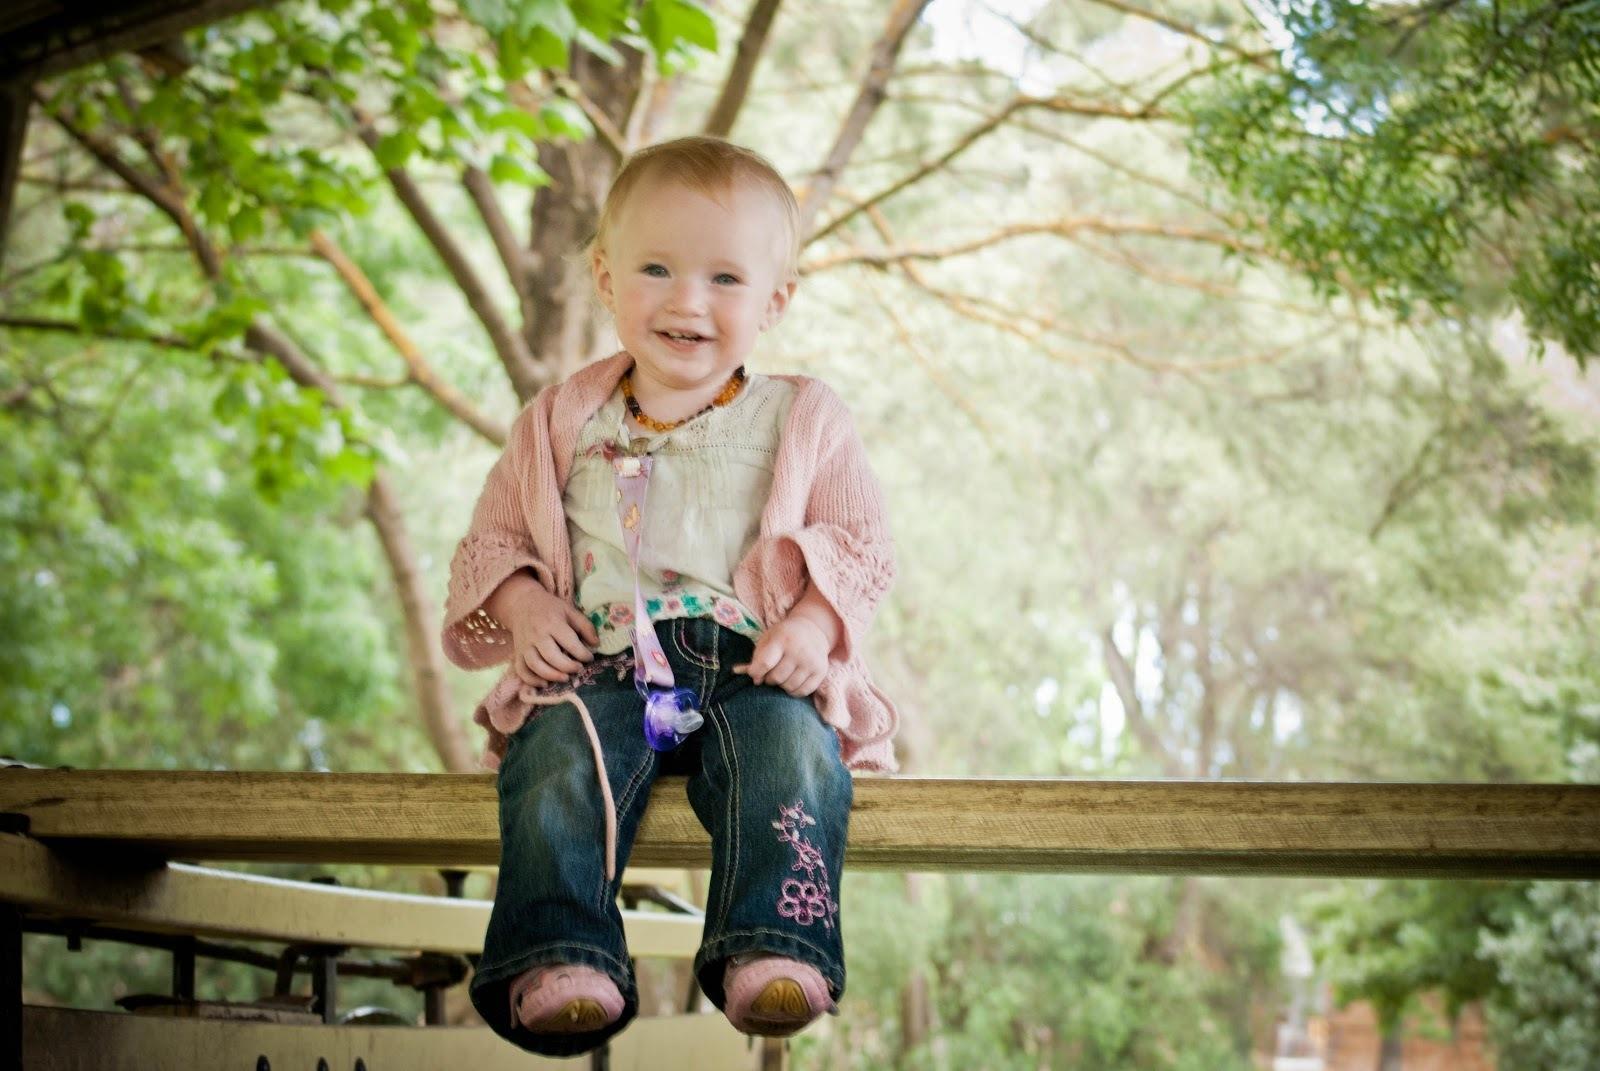 Síndrome de Silver-Russell: O Que É, Causas, Sintomas, Diagnóstico e Tratamento